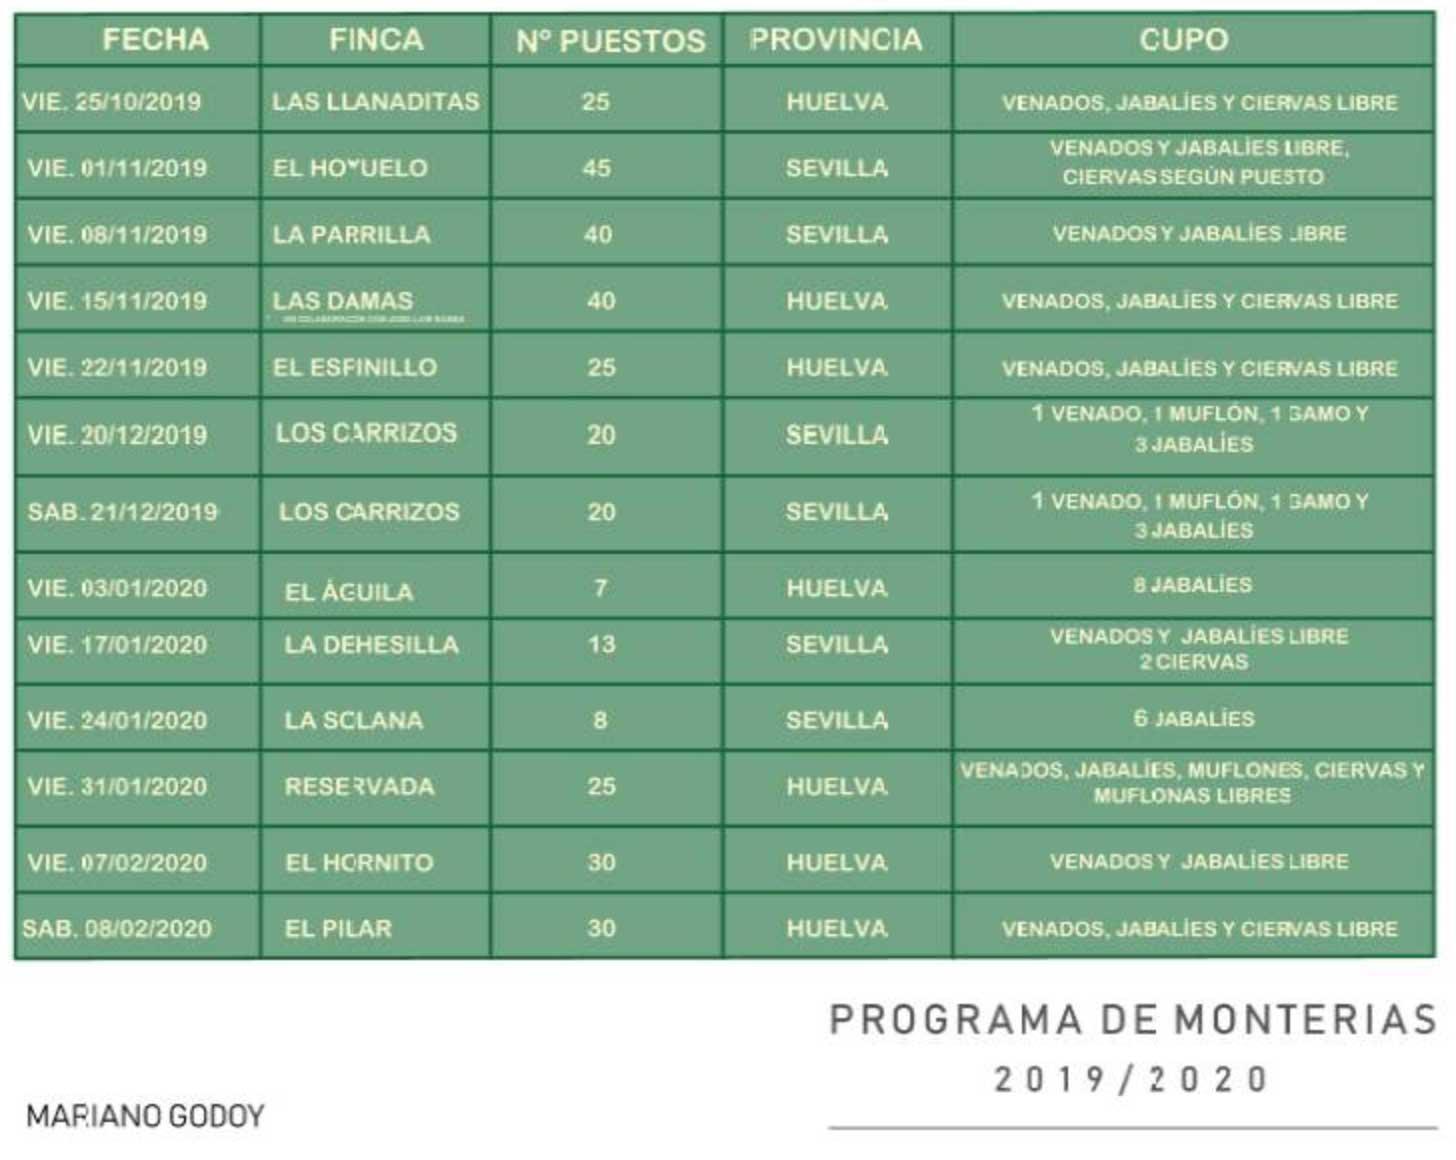 Programa Monterias Mariano Godoy